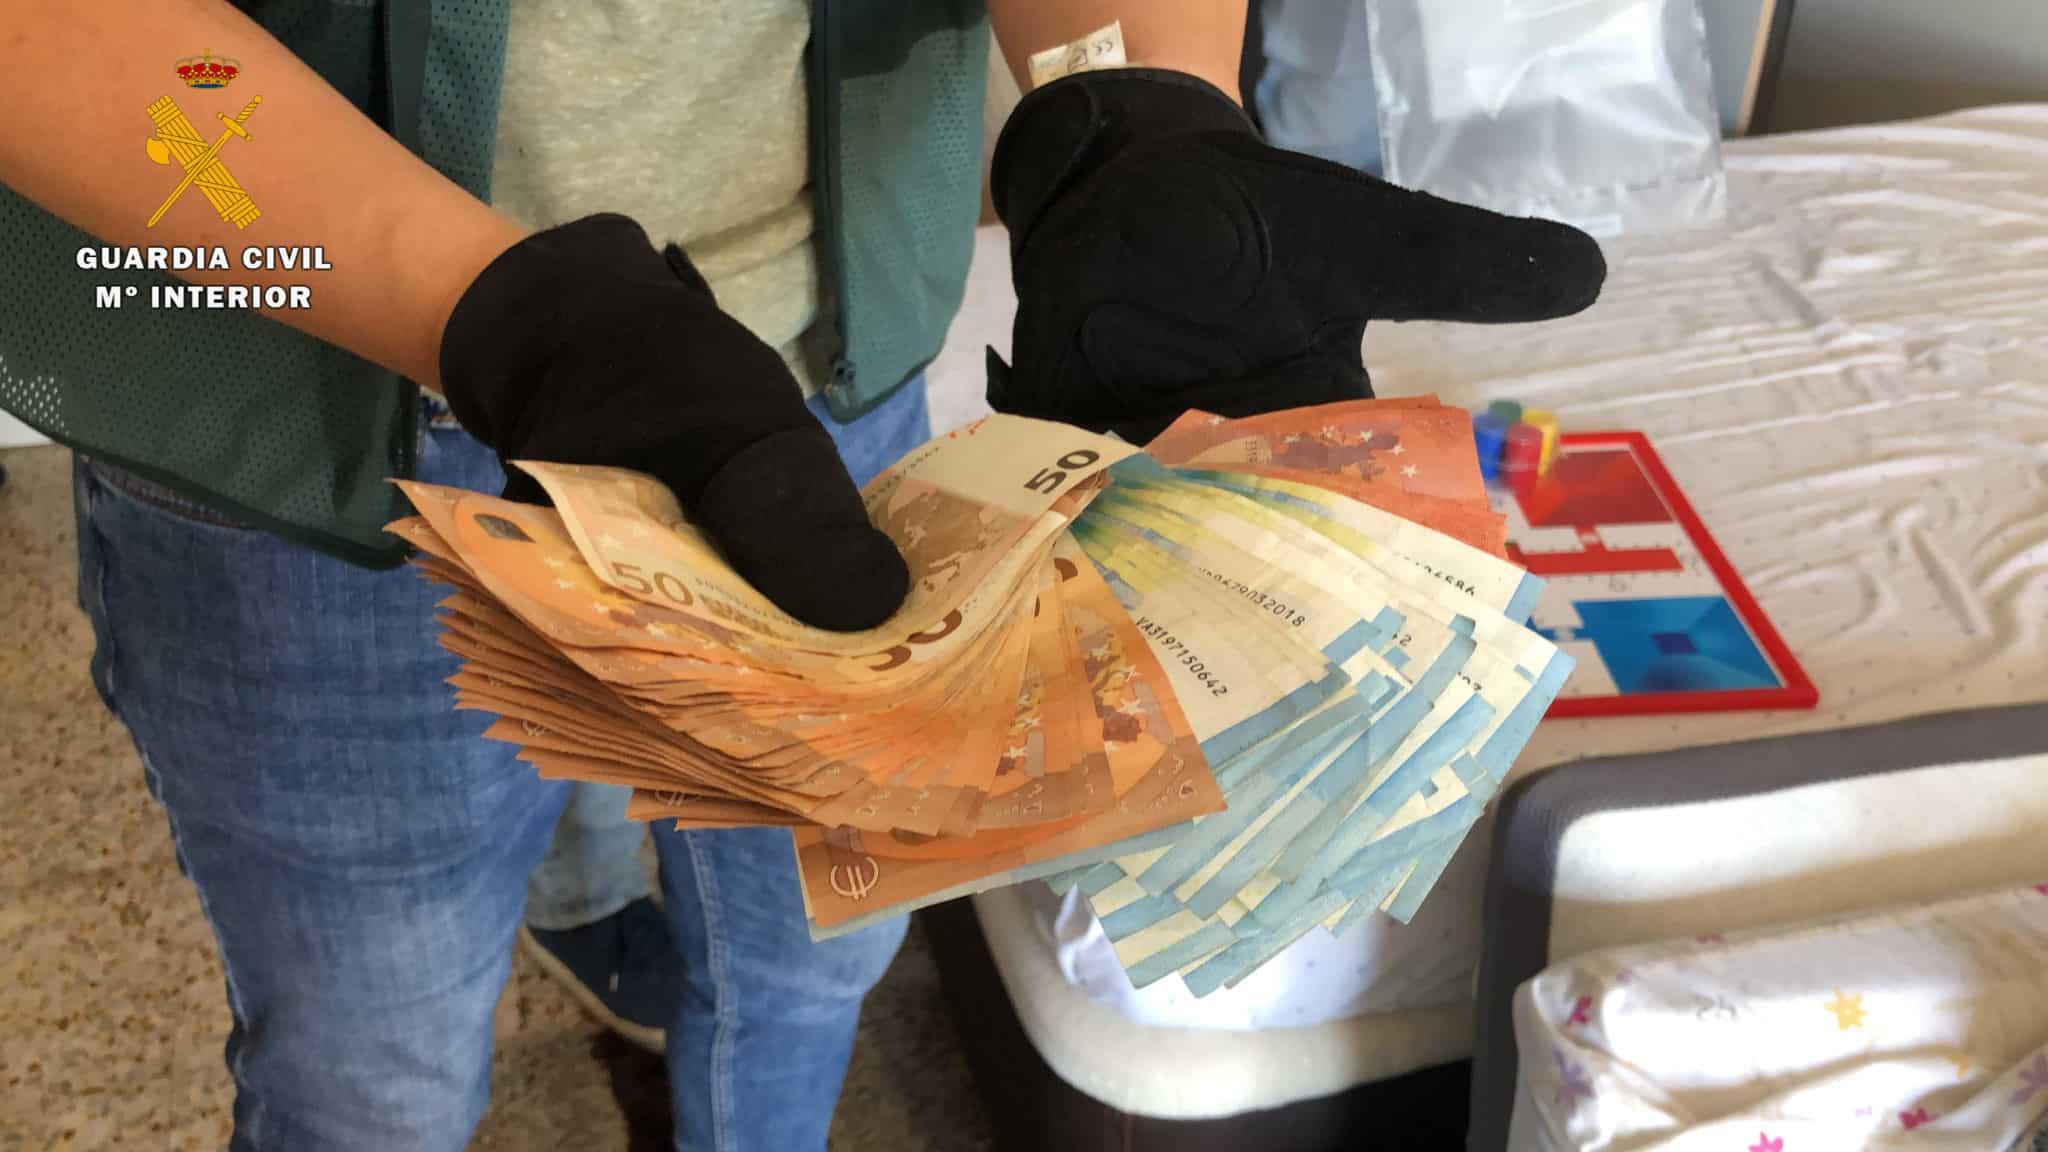 La Guardia Civil desmantela un punto de venta de cocaína en Fuenmayor 5